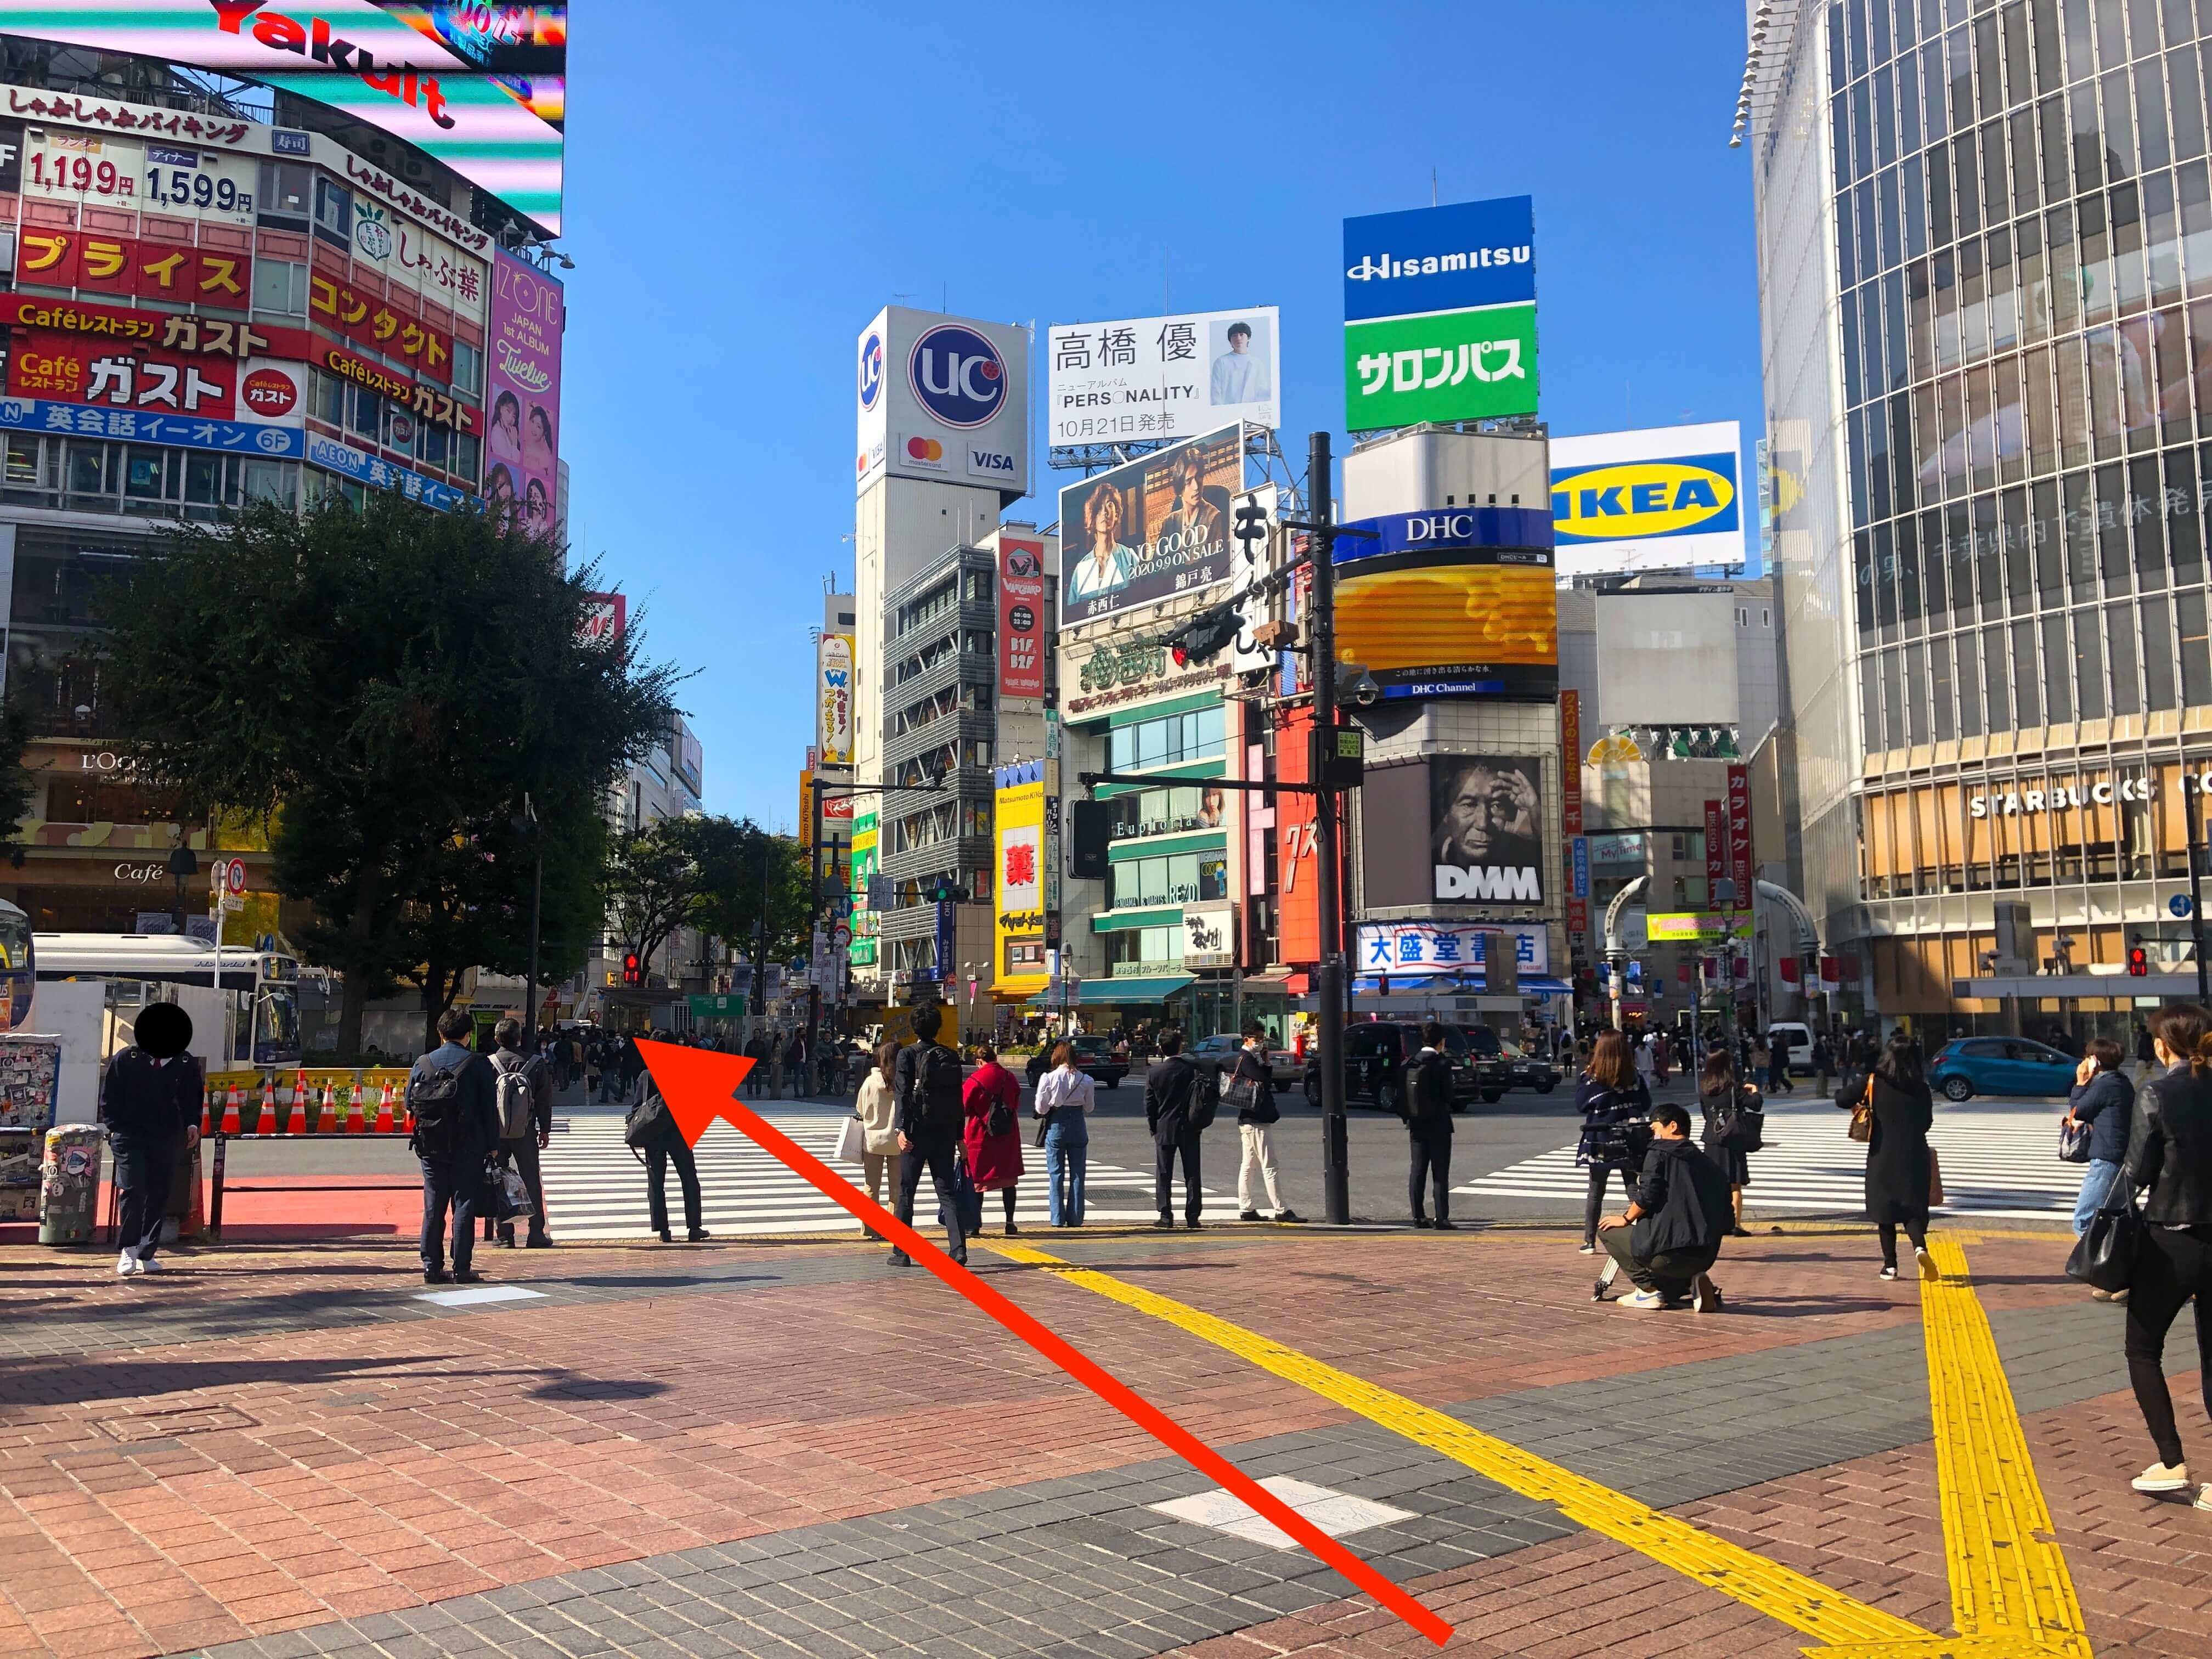 JR渋谷駅ハチ公出口から行き方2